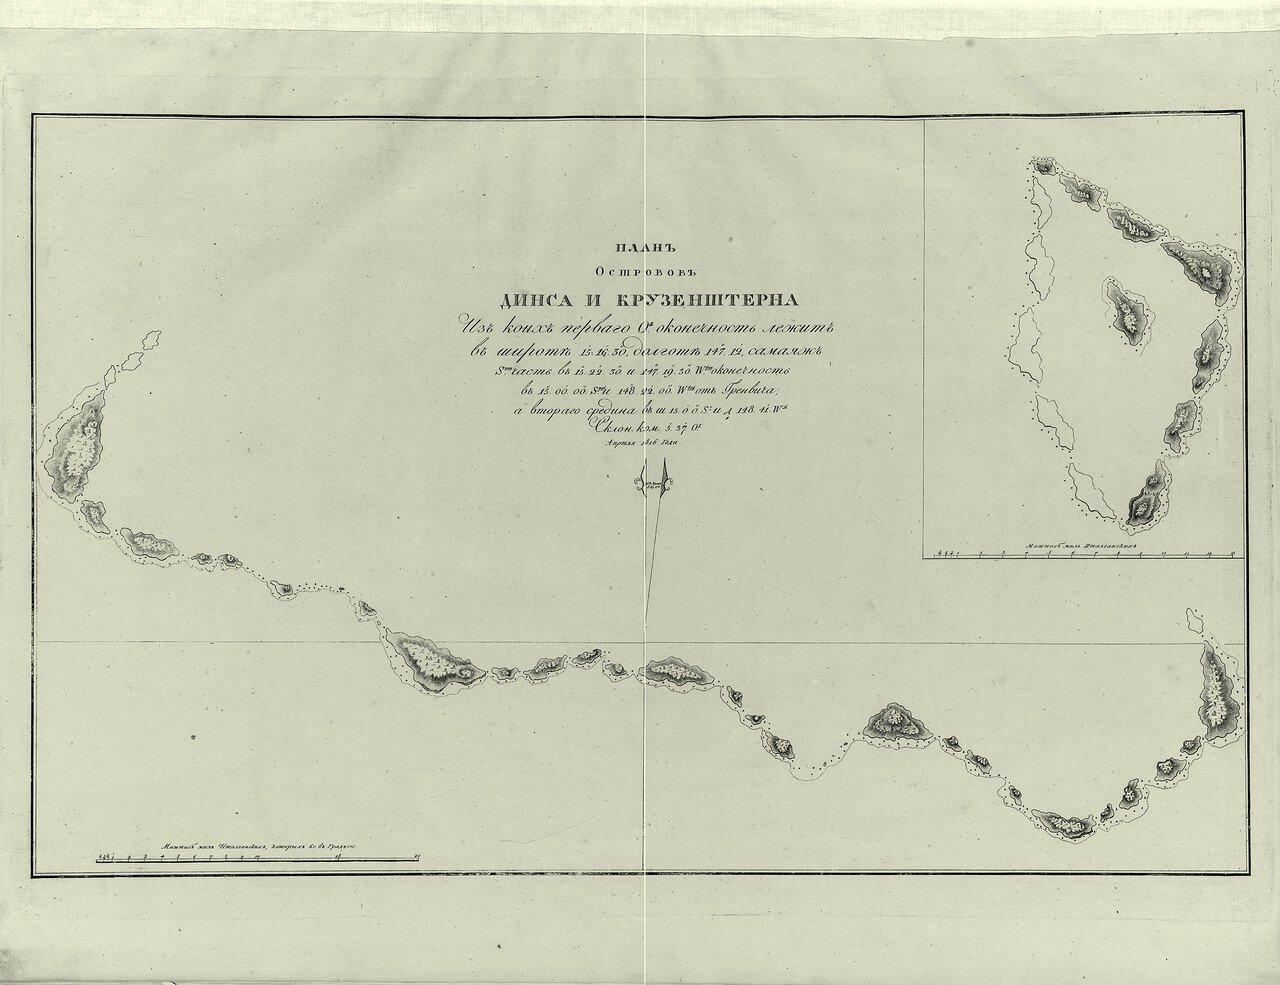 05. План островов Динса и Крузенштерна. Апреля 1816 года